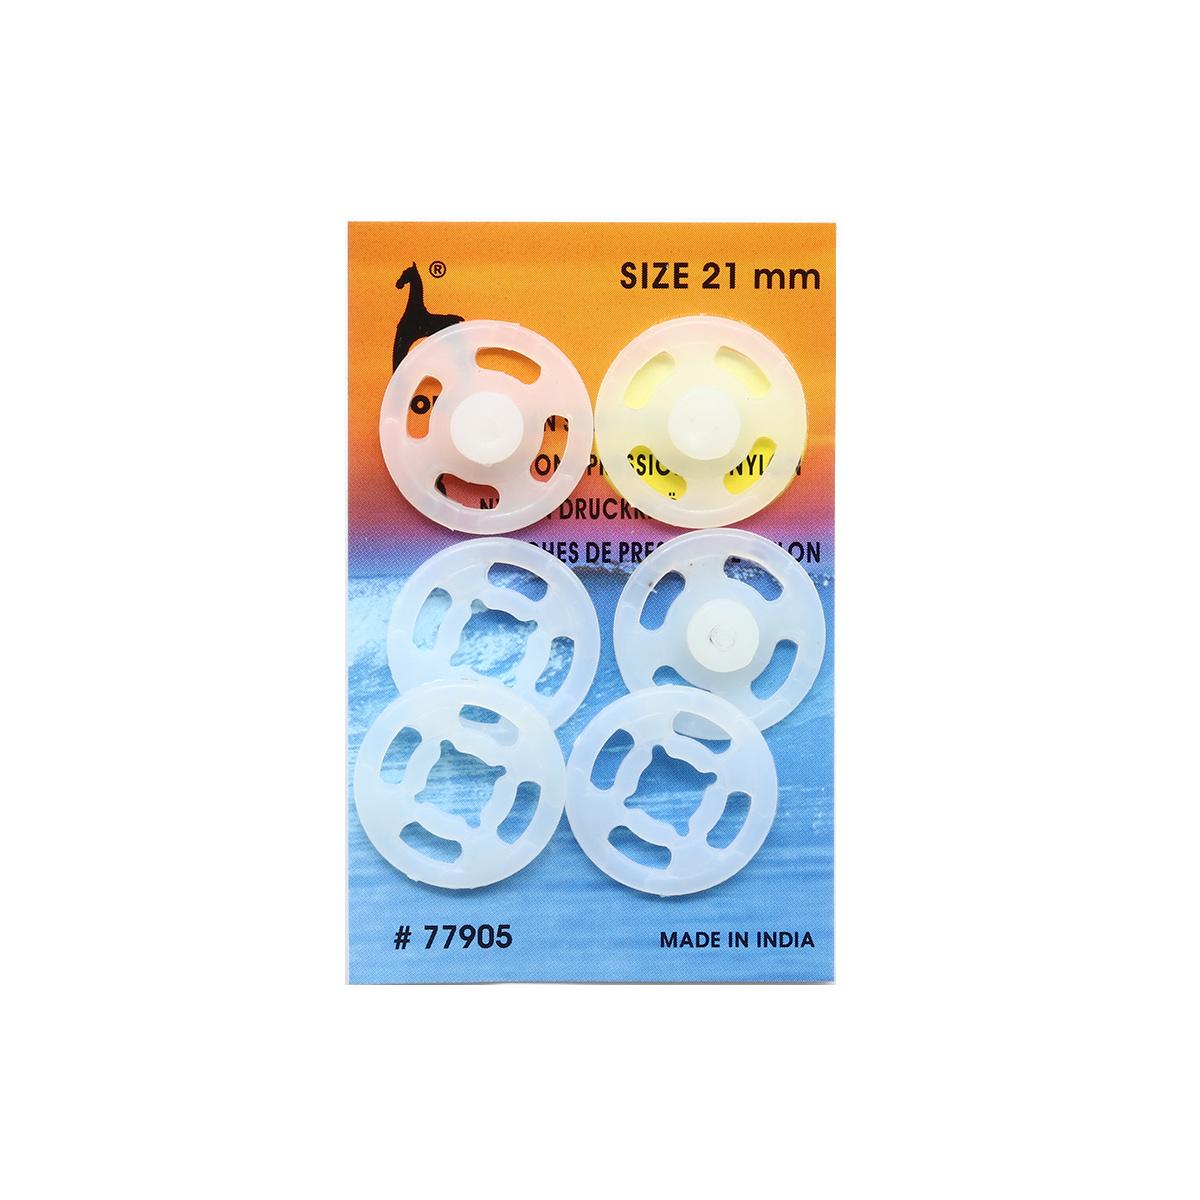 77905 Кнопки одежные 21 мм, нейлон, прозрачные, 3 шт PONY